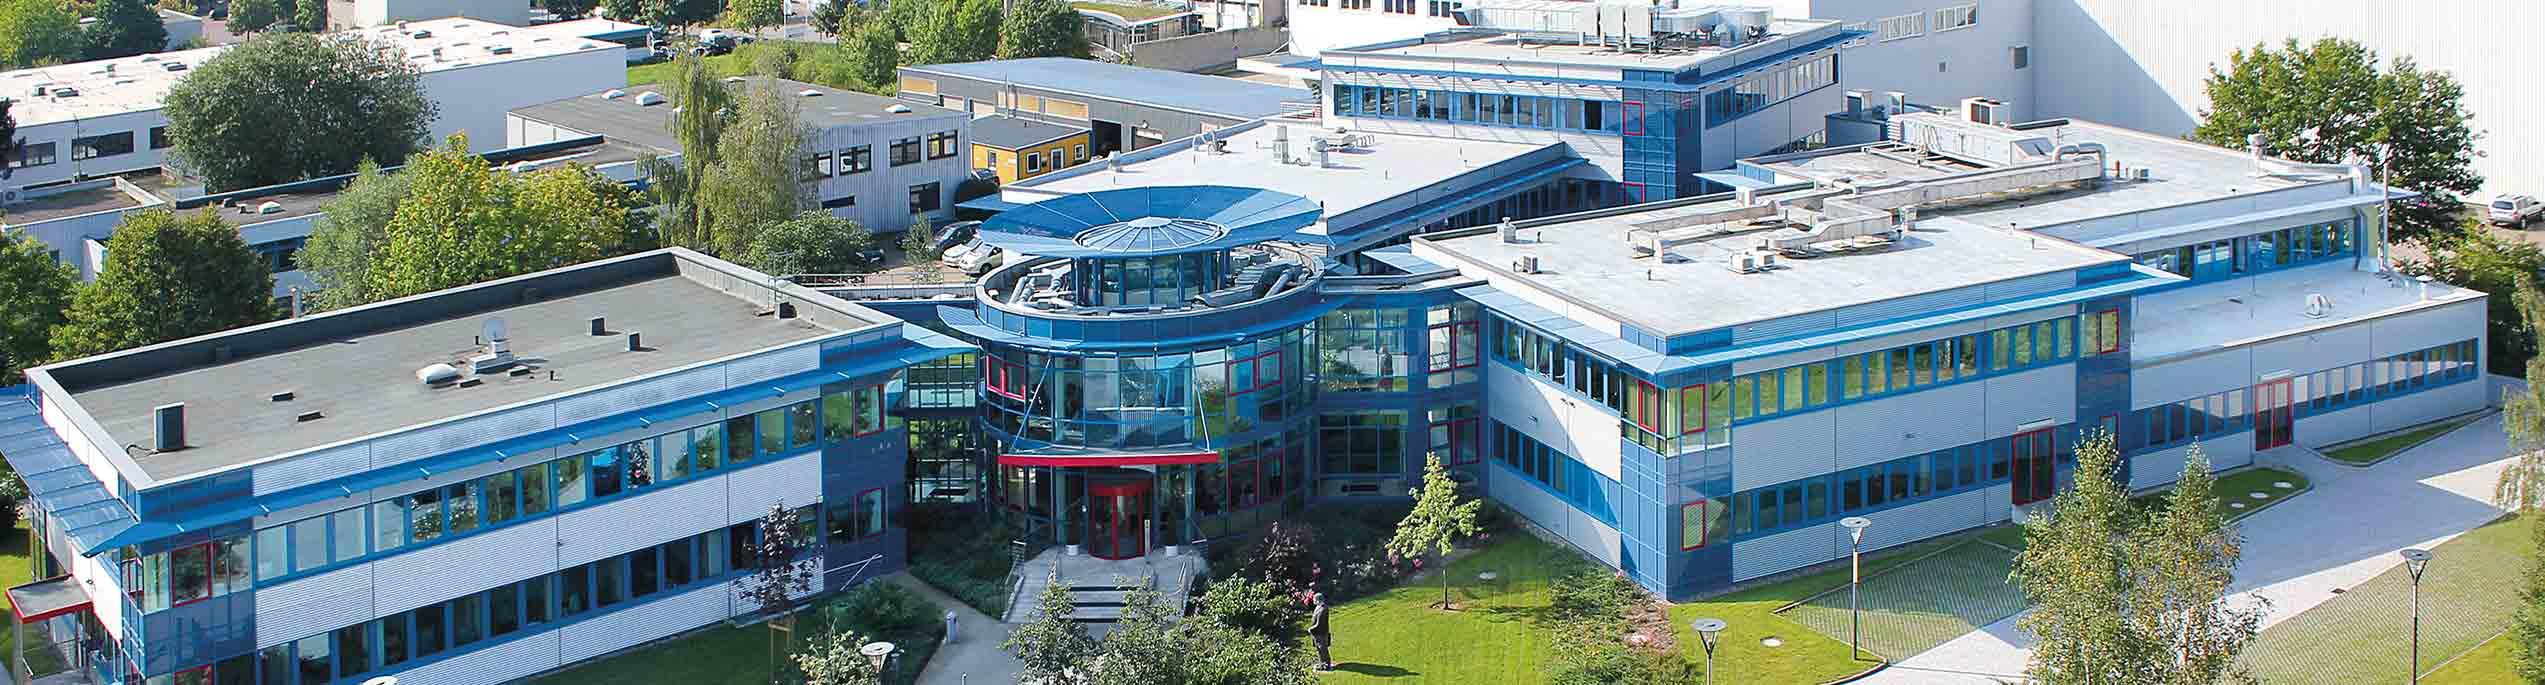 Sternchemie – Kompetenzen: Unser Stern-Technology Center in Ahrensburg